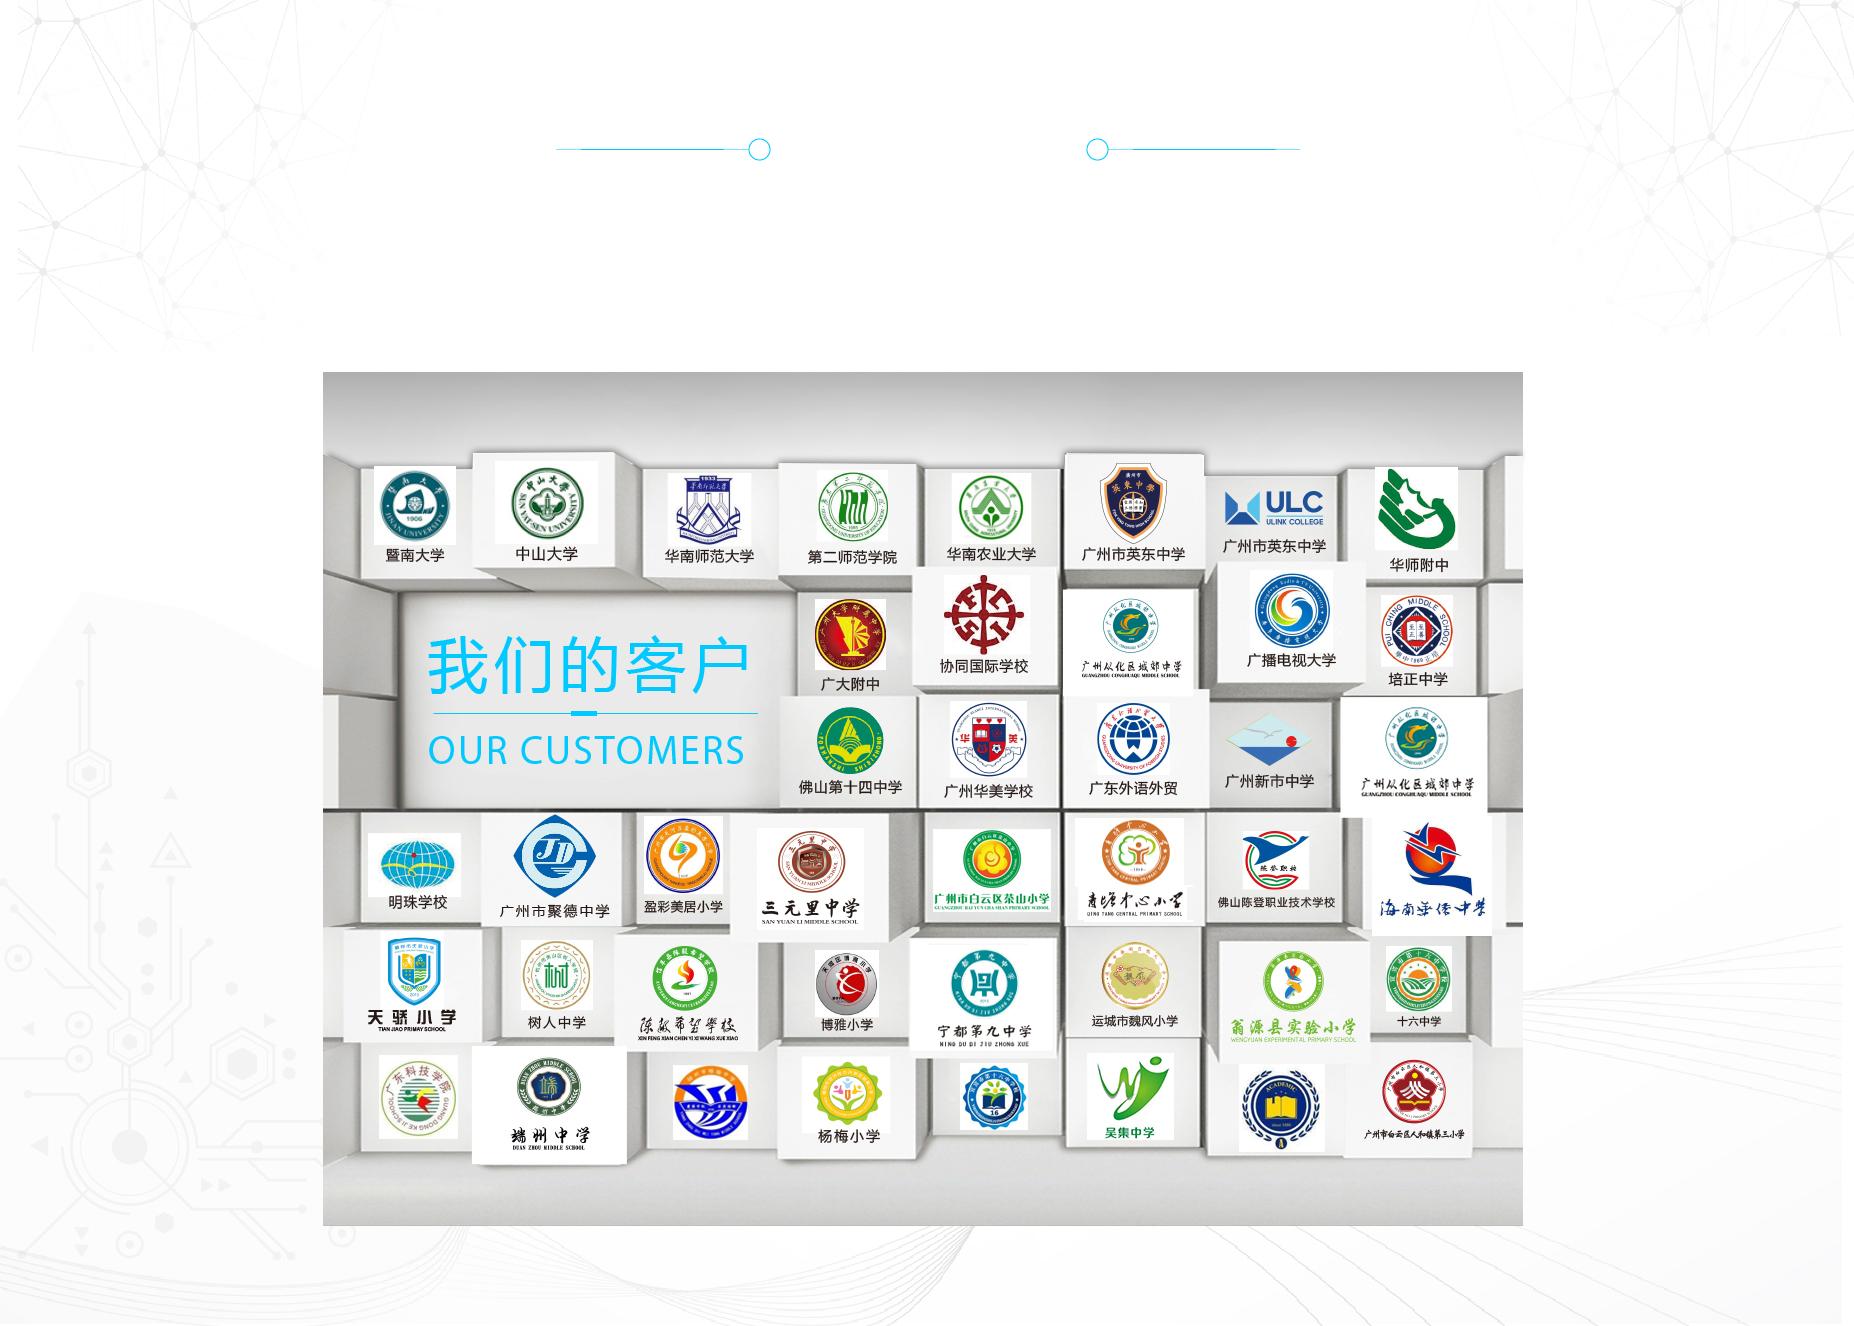 职业学校文化设计公司选贝博足球app下载文化